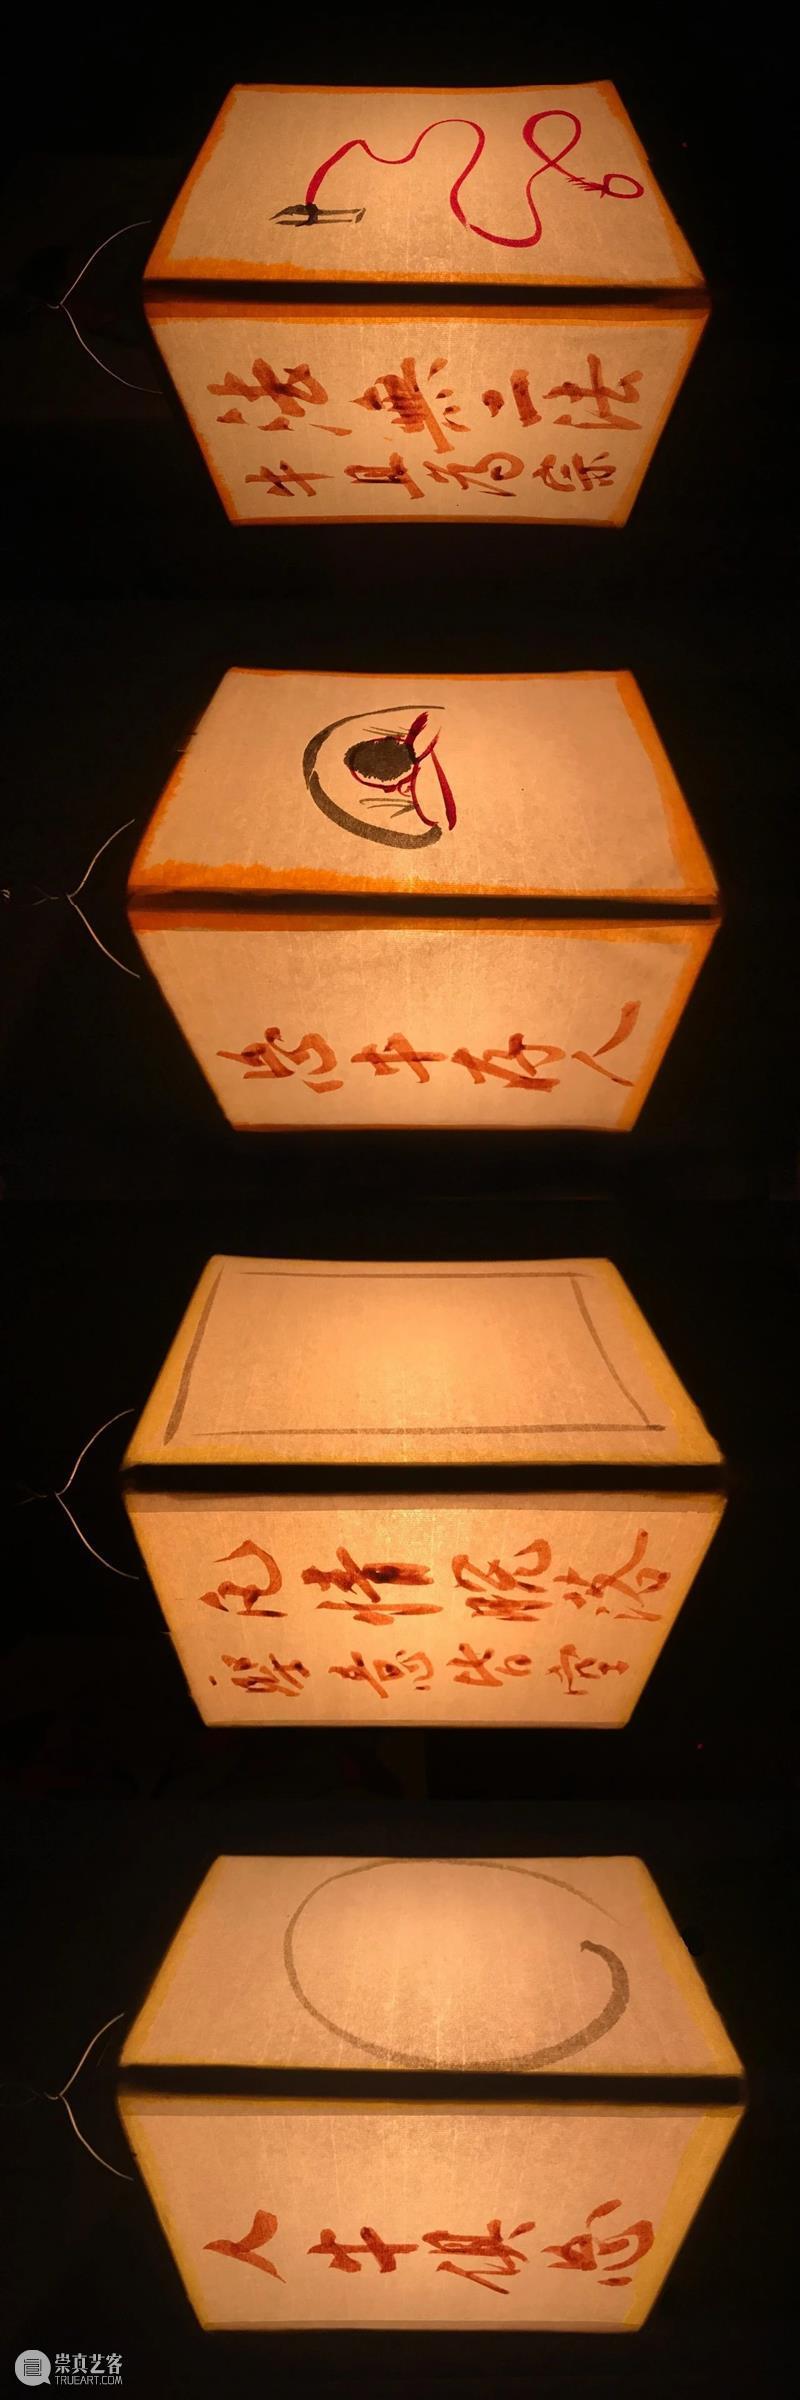 仝天庆|十牛灯图 仝天庆 Tong 十牛图 Pictures Bull高粱秸 蜡烛 宣纸 水墨 颜色 straw 崇真艺客